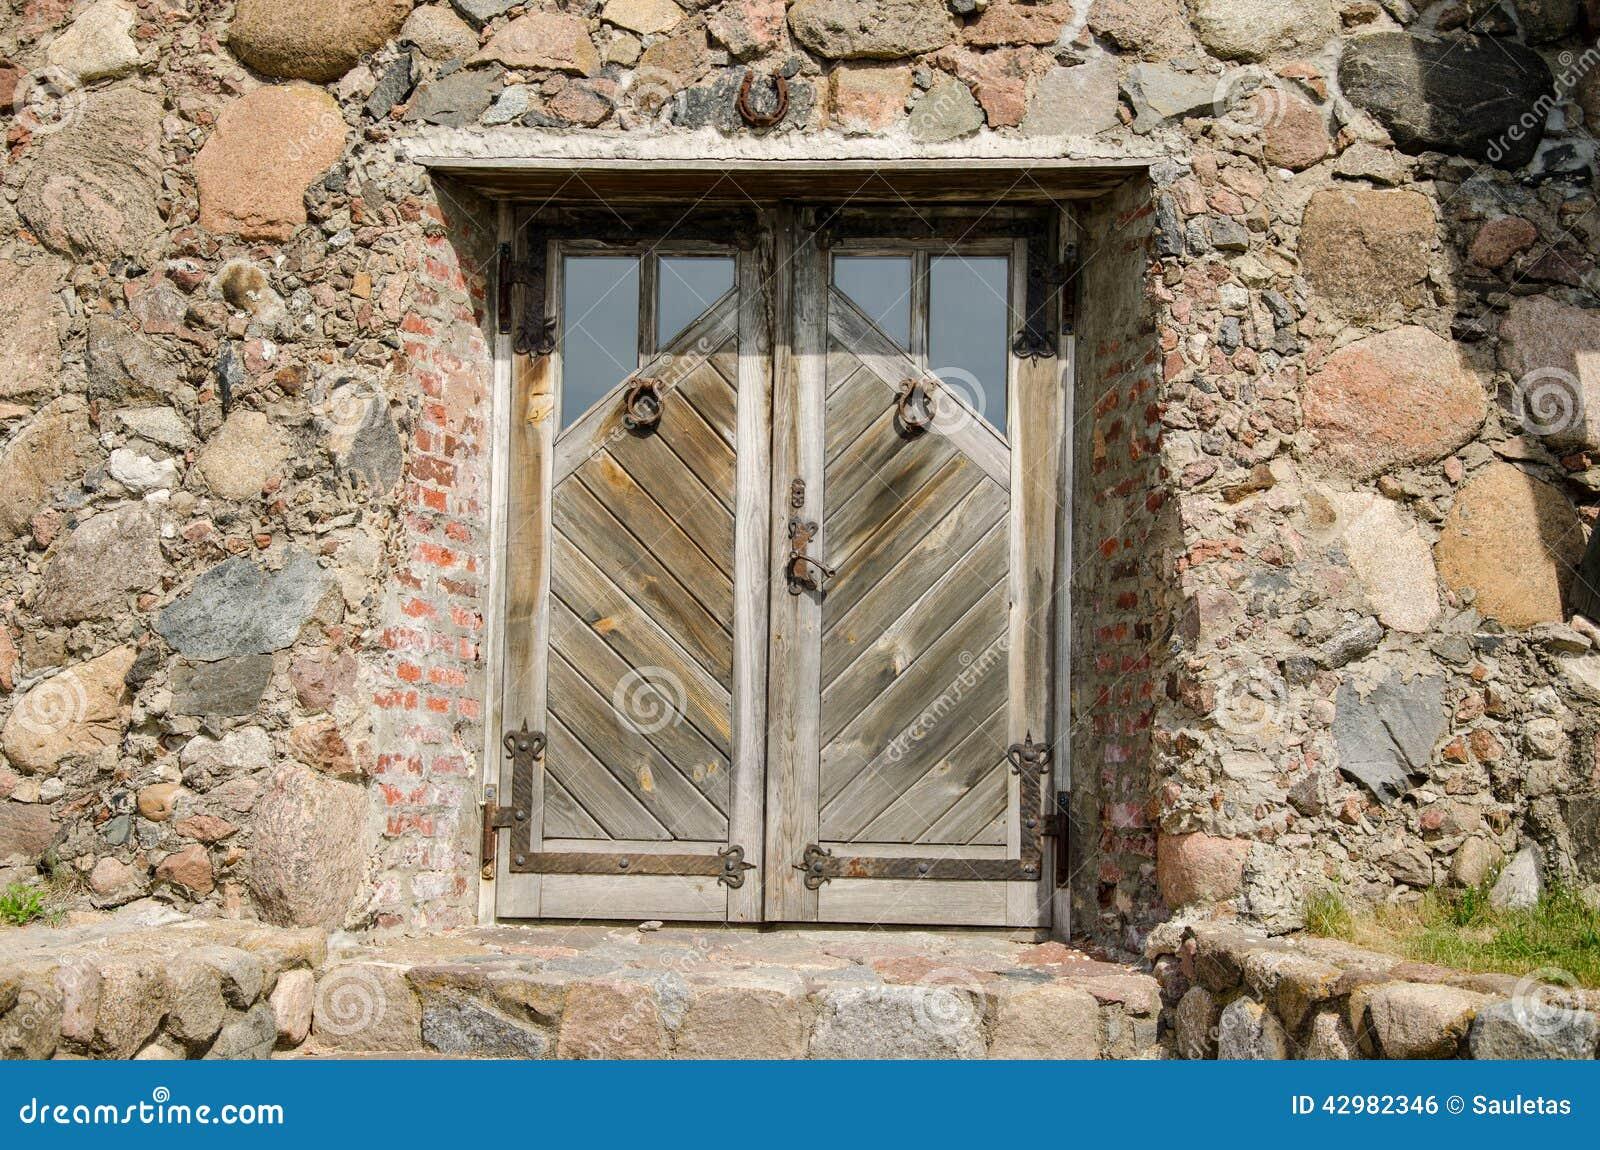 Horseshoe Hang Over Stone Wall Wooden Door